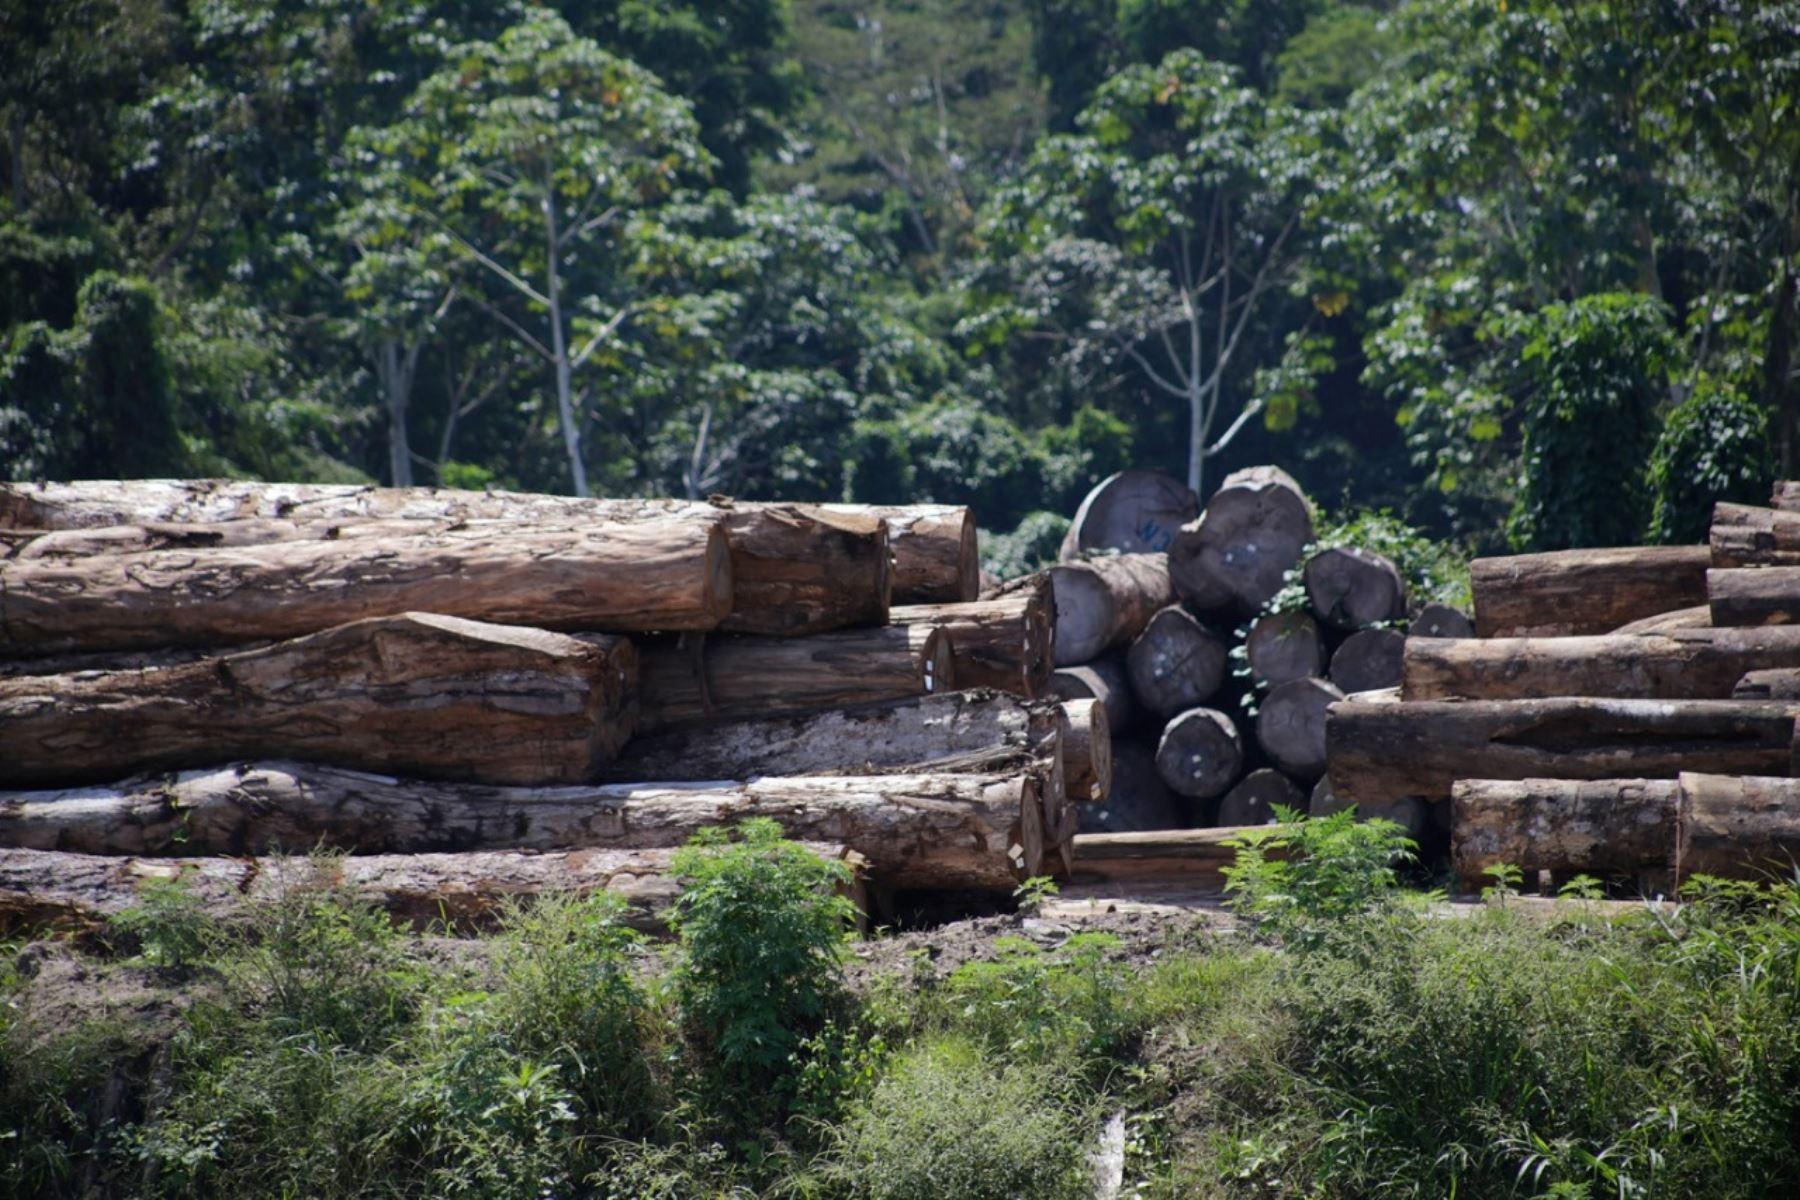 Los profesionales de la FEMA cumplen sus labores de investigación, fiscalización y vigilancia de los delitos ambientales, como por ejemplo la tala ilegal, minería ilegal, tráfico de vida silvestre, entre otros, que atentan contra los recursos naturales de todos los peruanos. ANDINA/Difusión